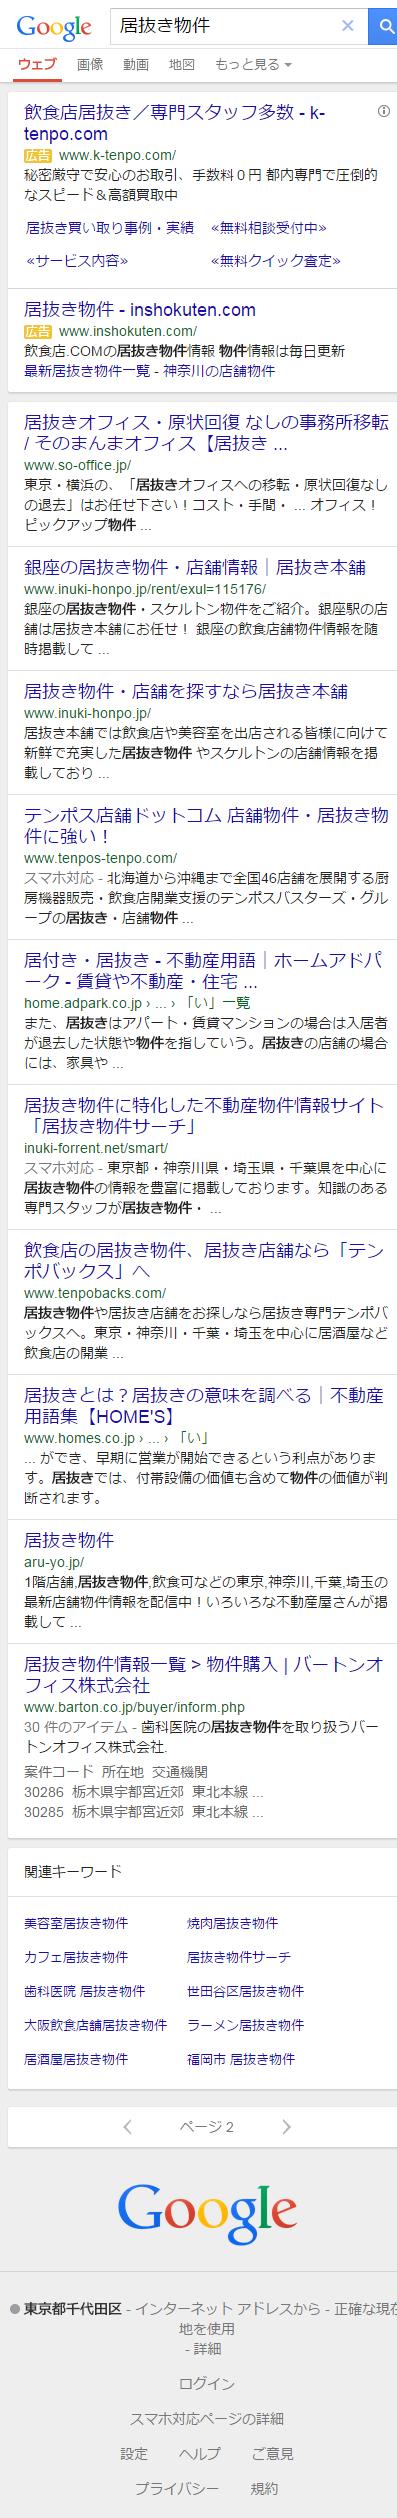 20150413_テンポバックス_居抜き物件   Google 検索